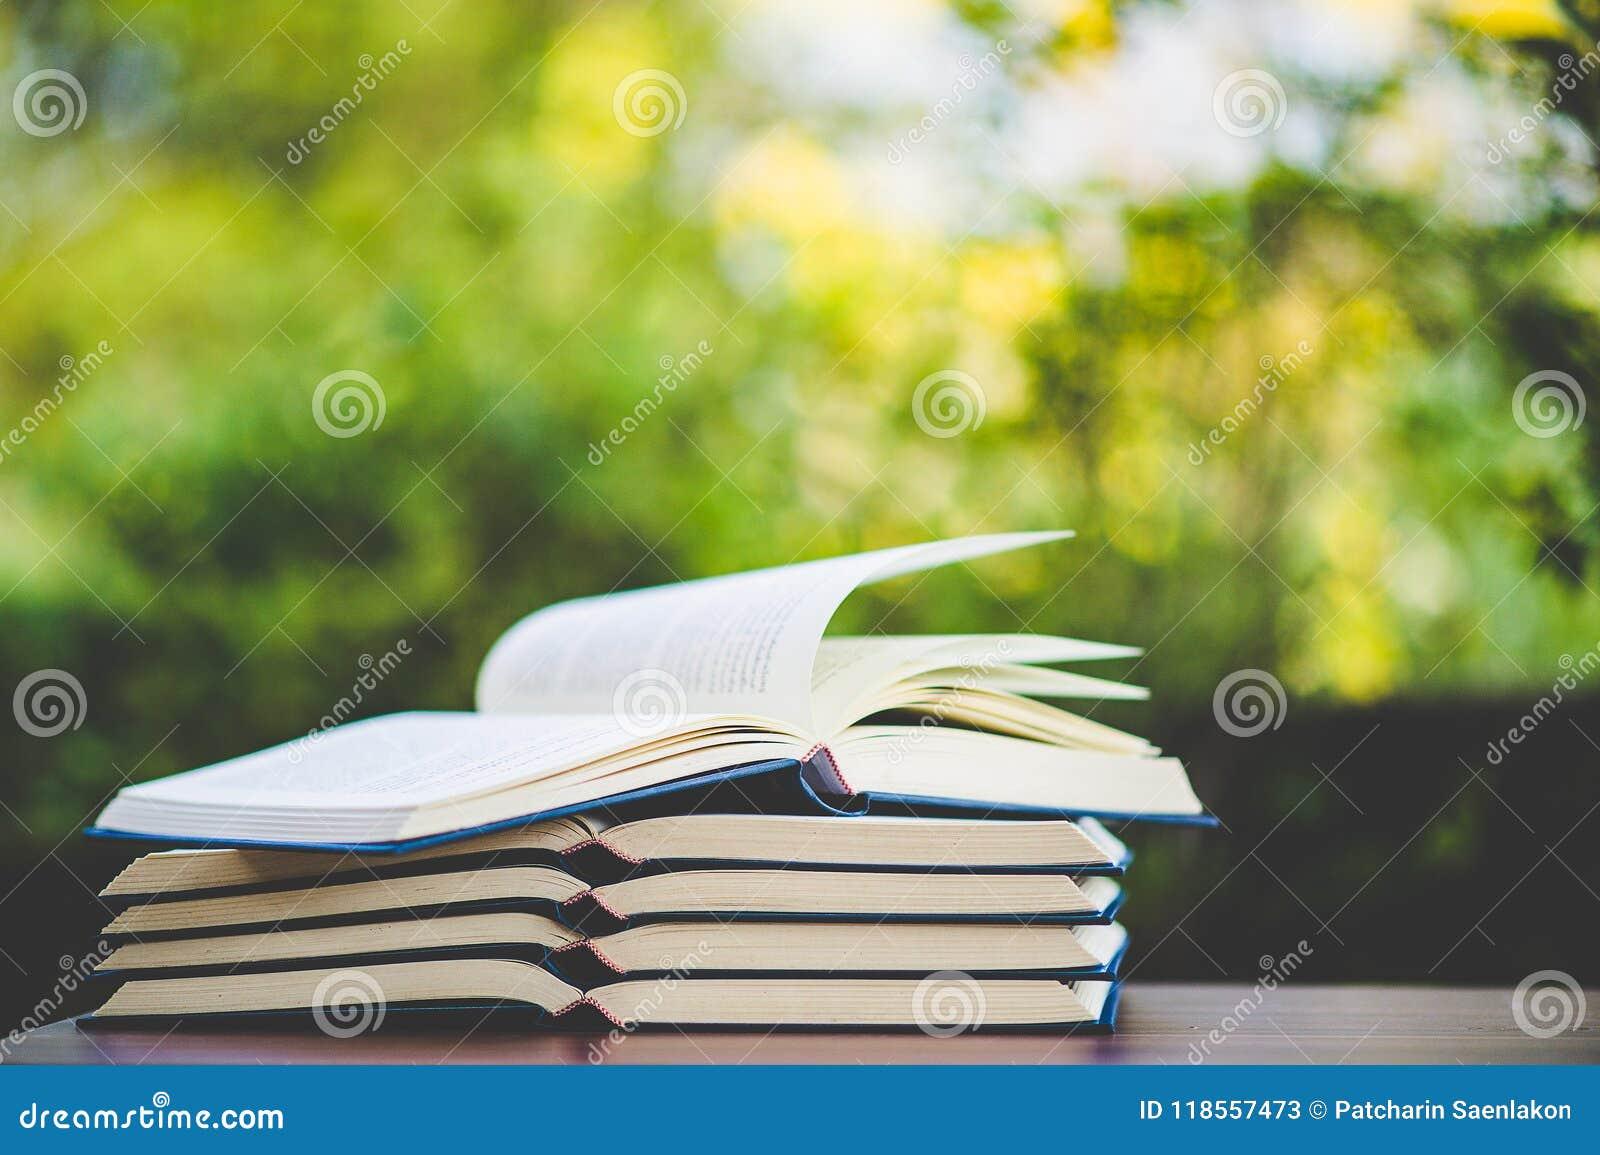 Libri di studio e materiali di apprendimento